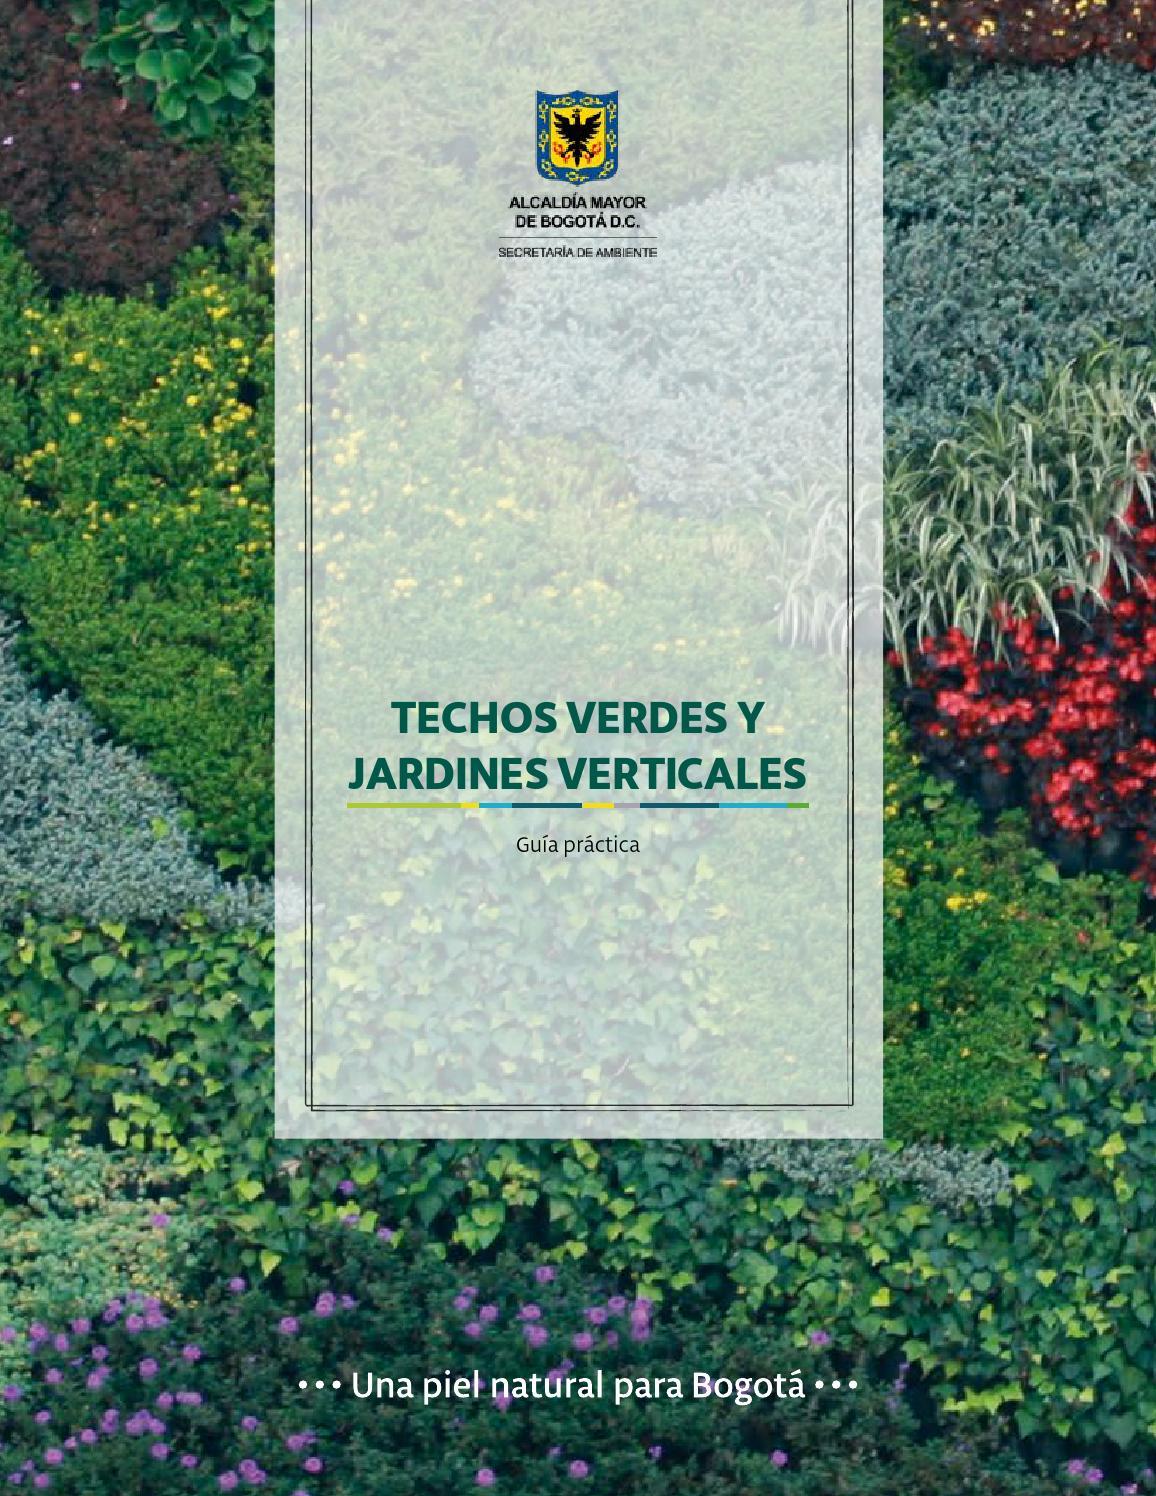 Gu a de techos verdes y jardines verticales by sda2015 issuu for Jardines verticales introduccion